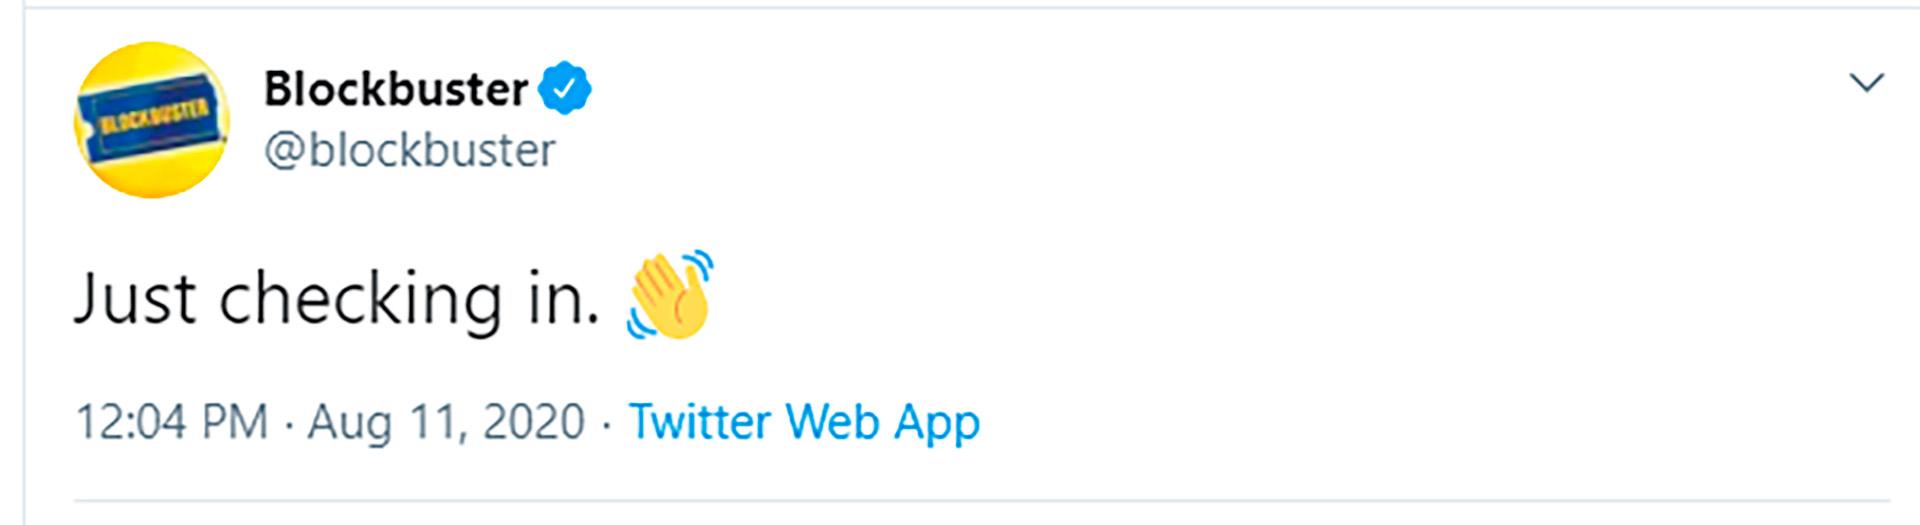 El tuit de Blockbuster que se hizo viral